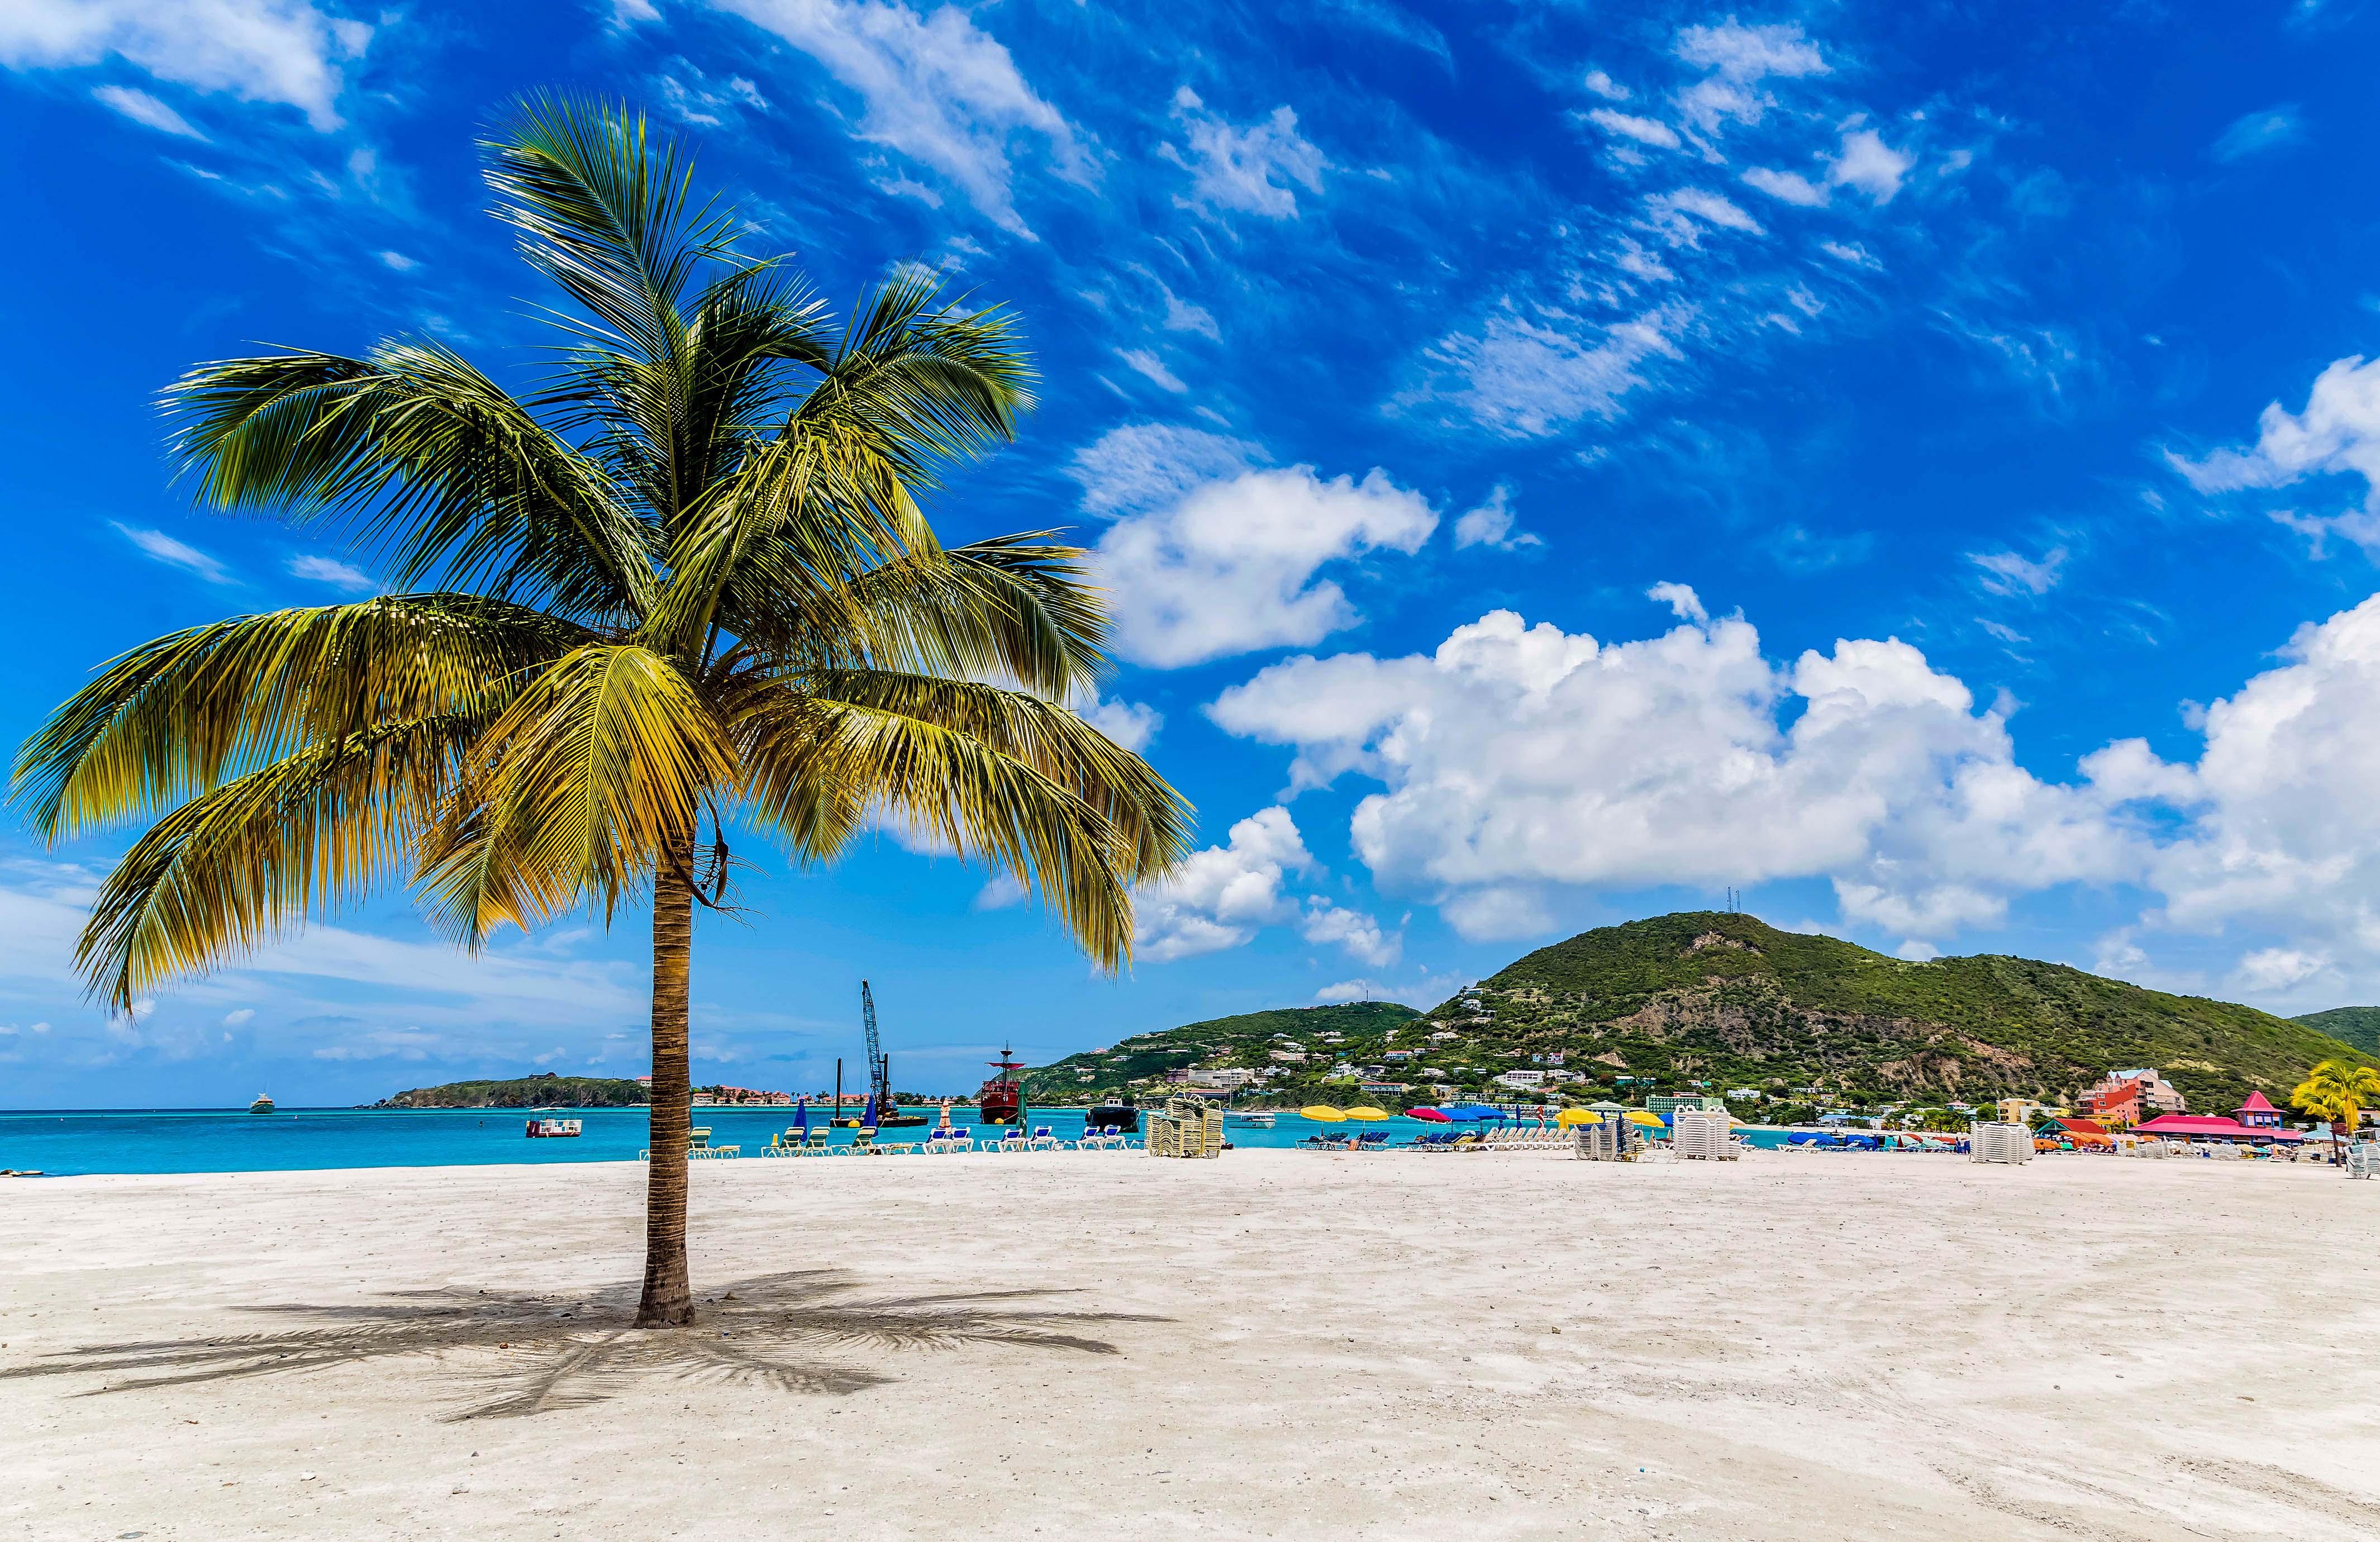 Beach Club Resort Palm Beach